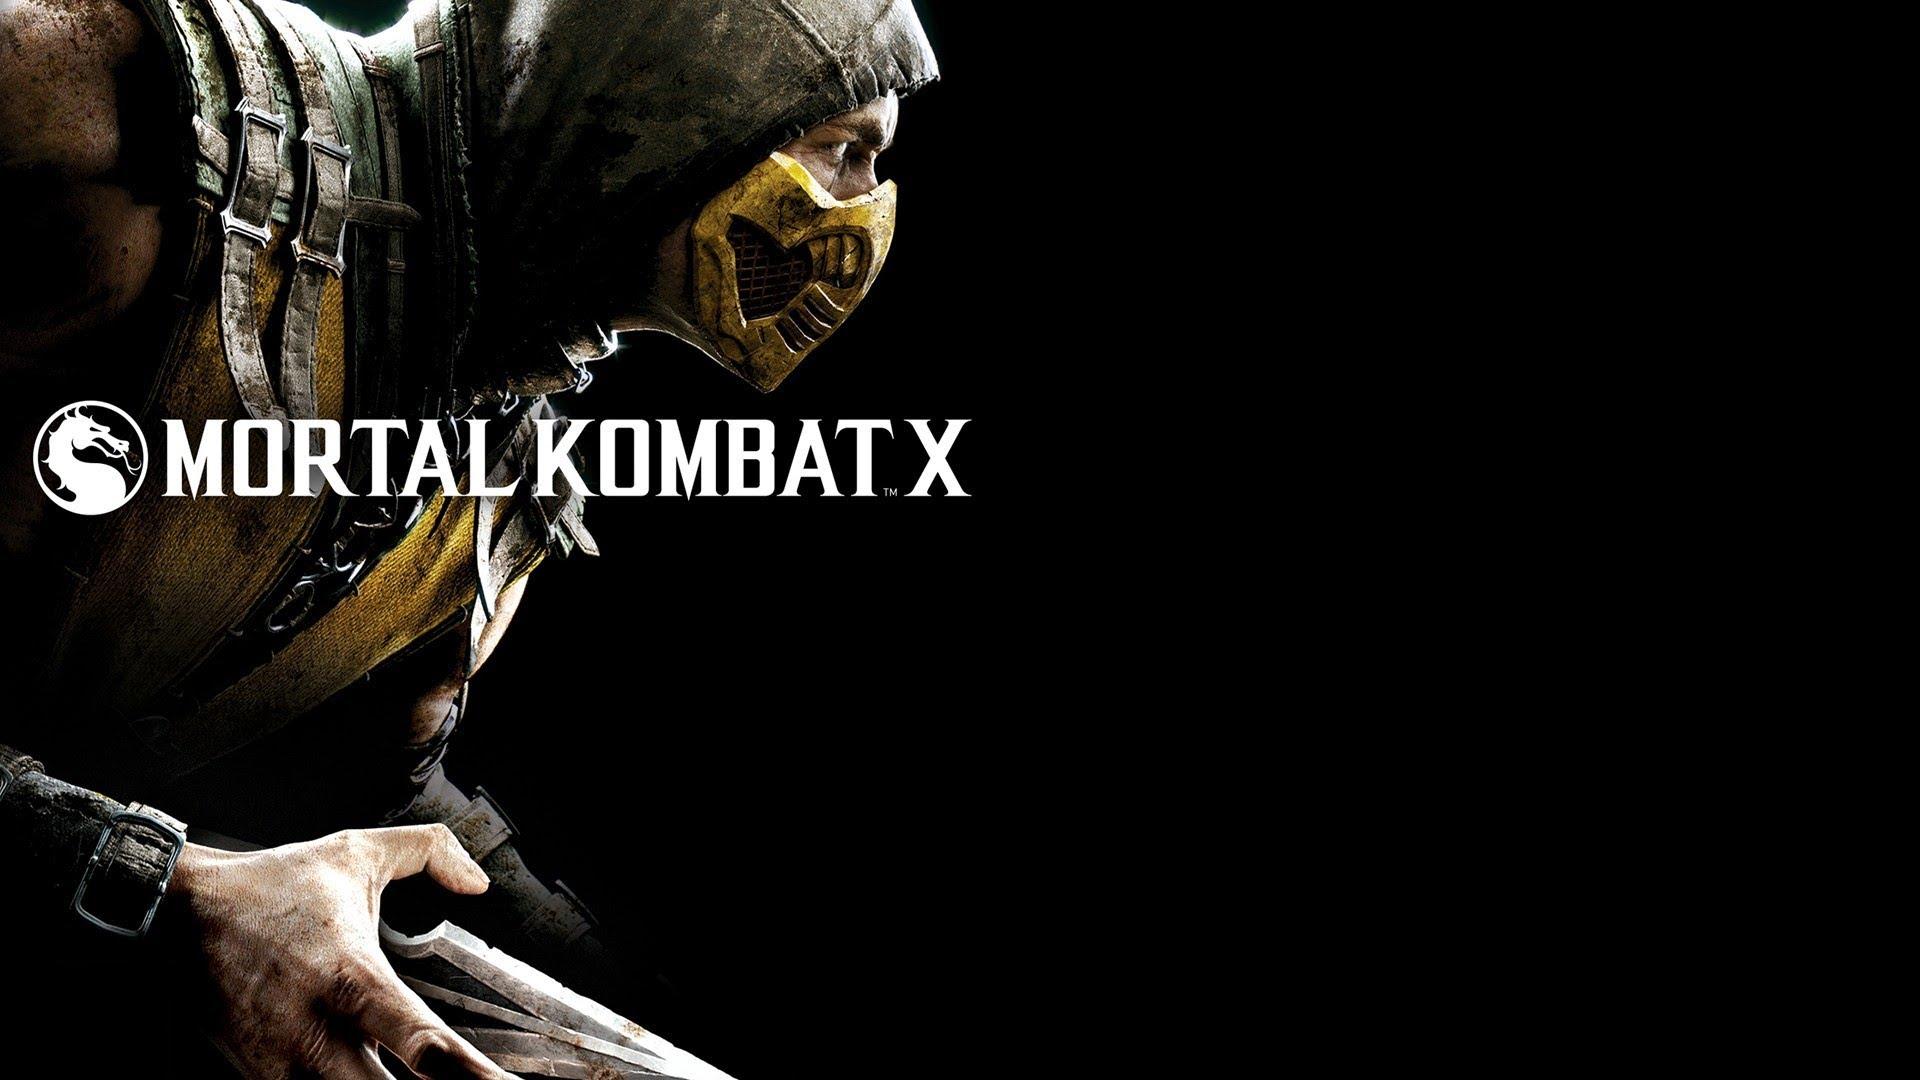 Mortal Kombat X Hd Wallpapers Mortal Kombat X Wallpaper Hd